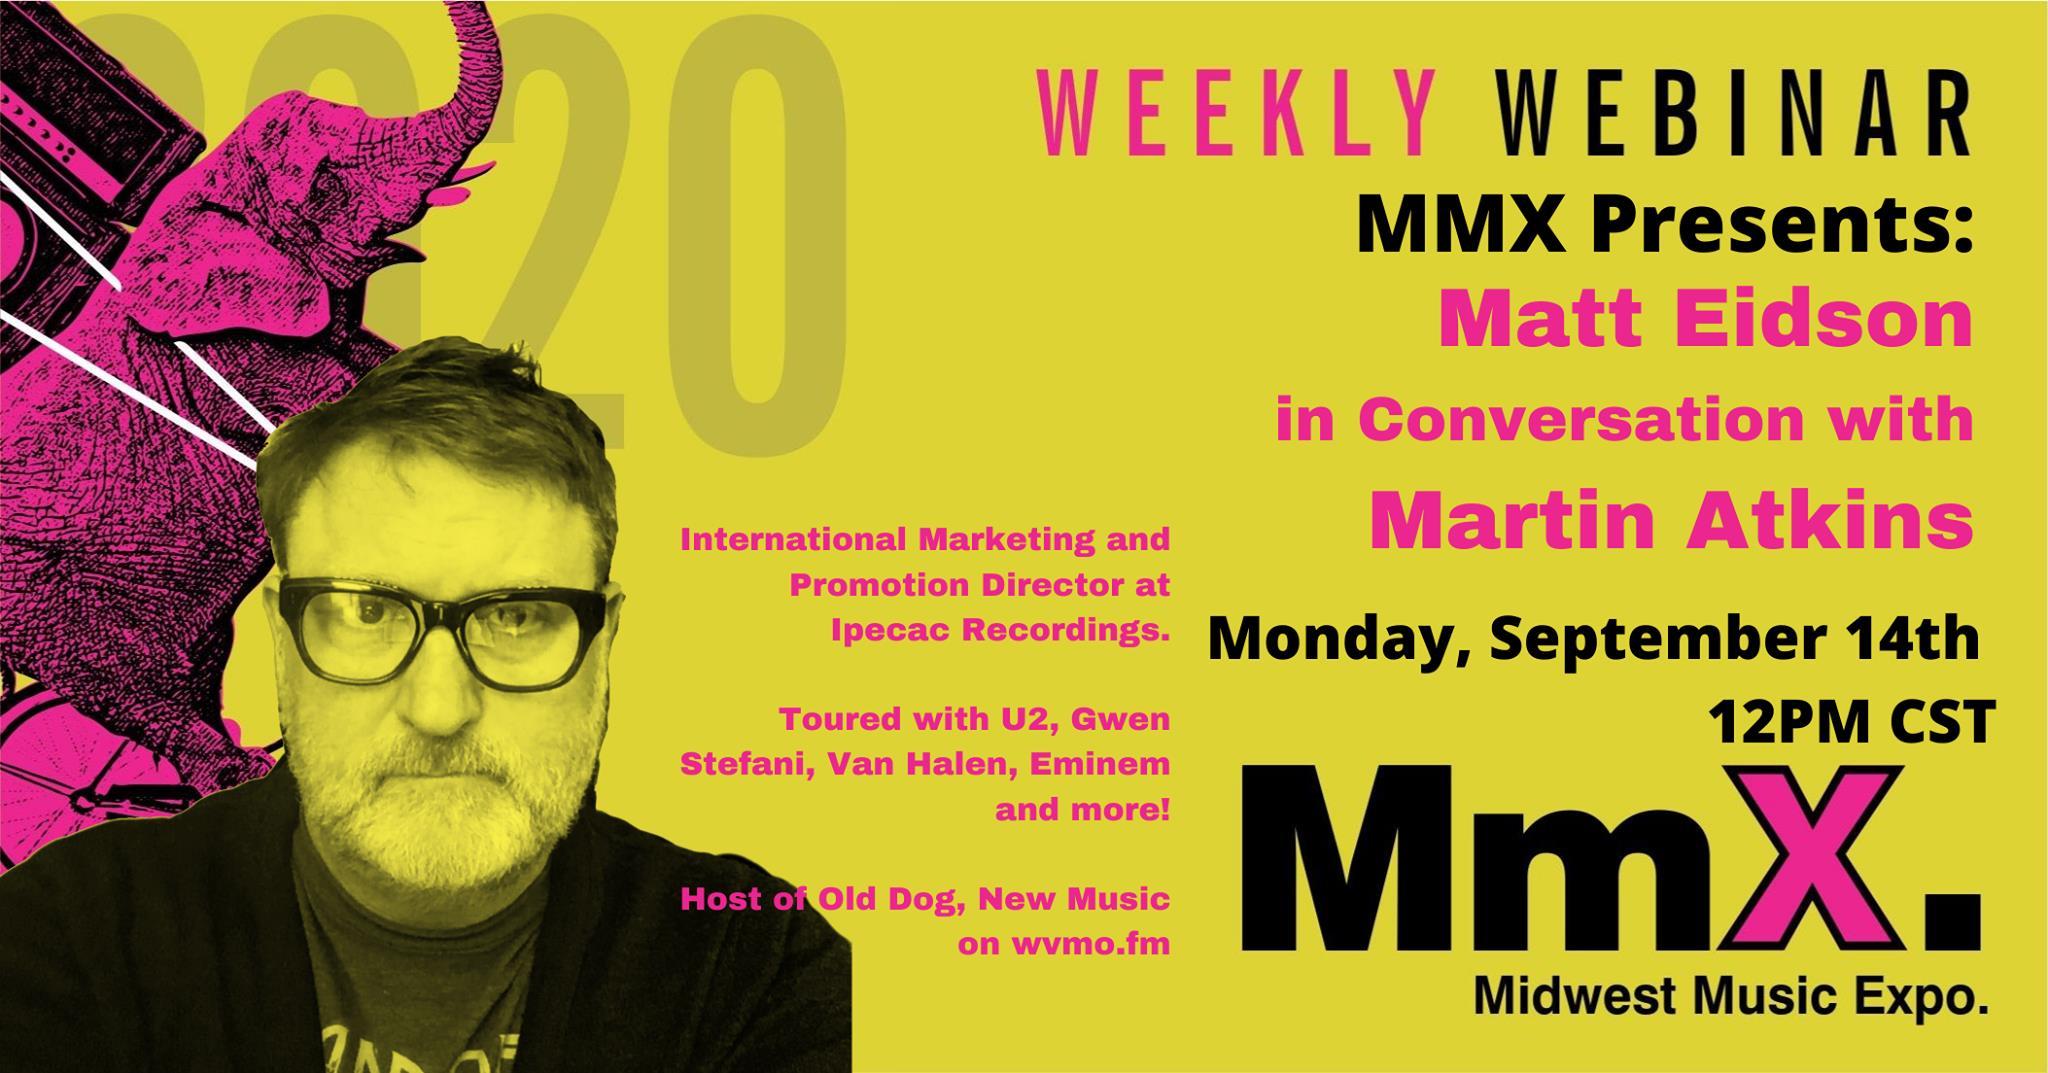 MmX Weekly: Matt Eidson in Conversation with Martin Atkins